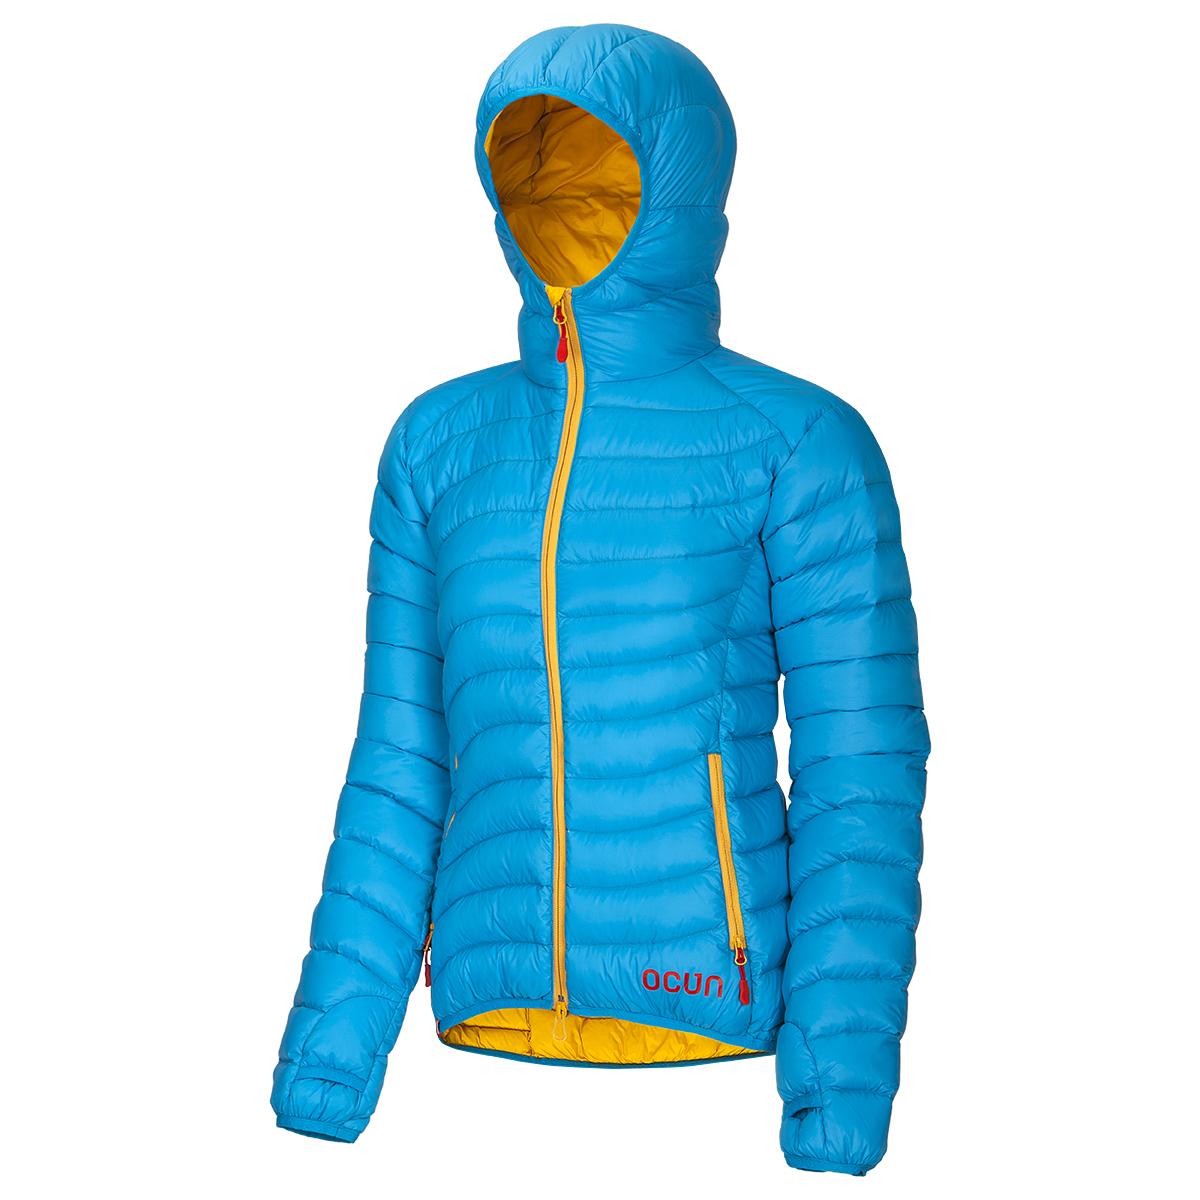 Ocún péřová bunda Tsunami Down Jacket Women Barva: Modrá, Velikost nebo typ: S